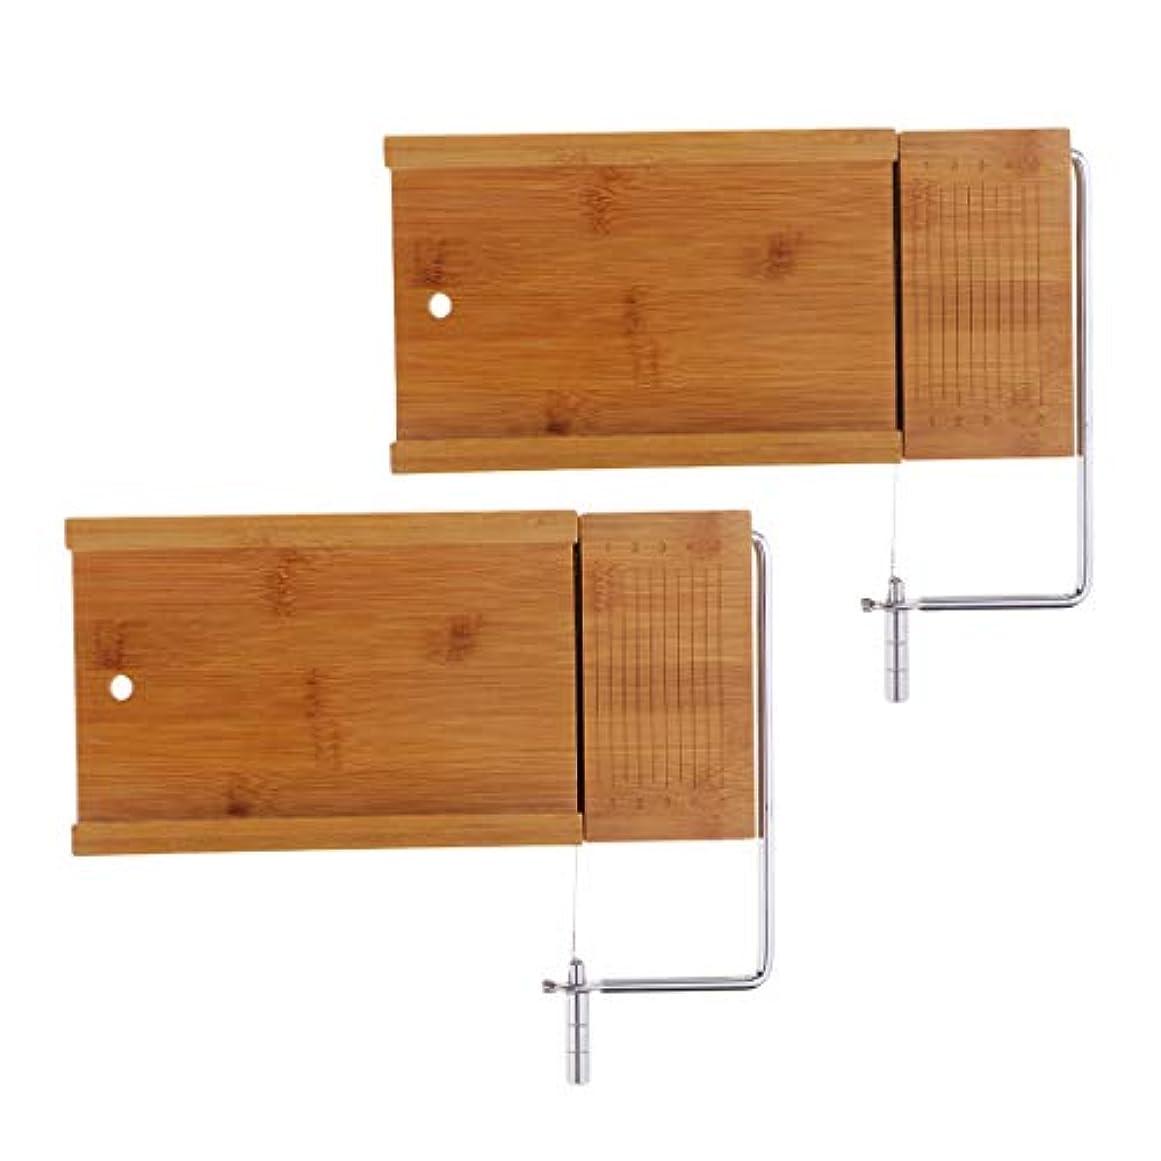 いっぱい哲学博士ロッジ2個入り ソープスライサー ソープカッター 台 木質 せっけんカッター ワイヤー 石鹸切削工具 耐久性